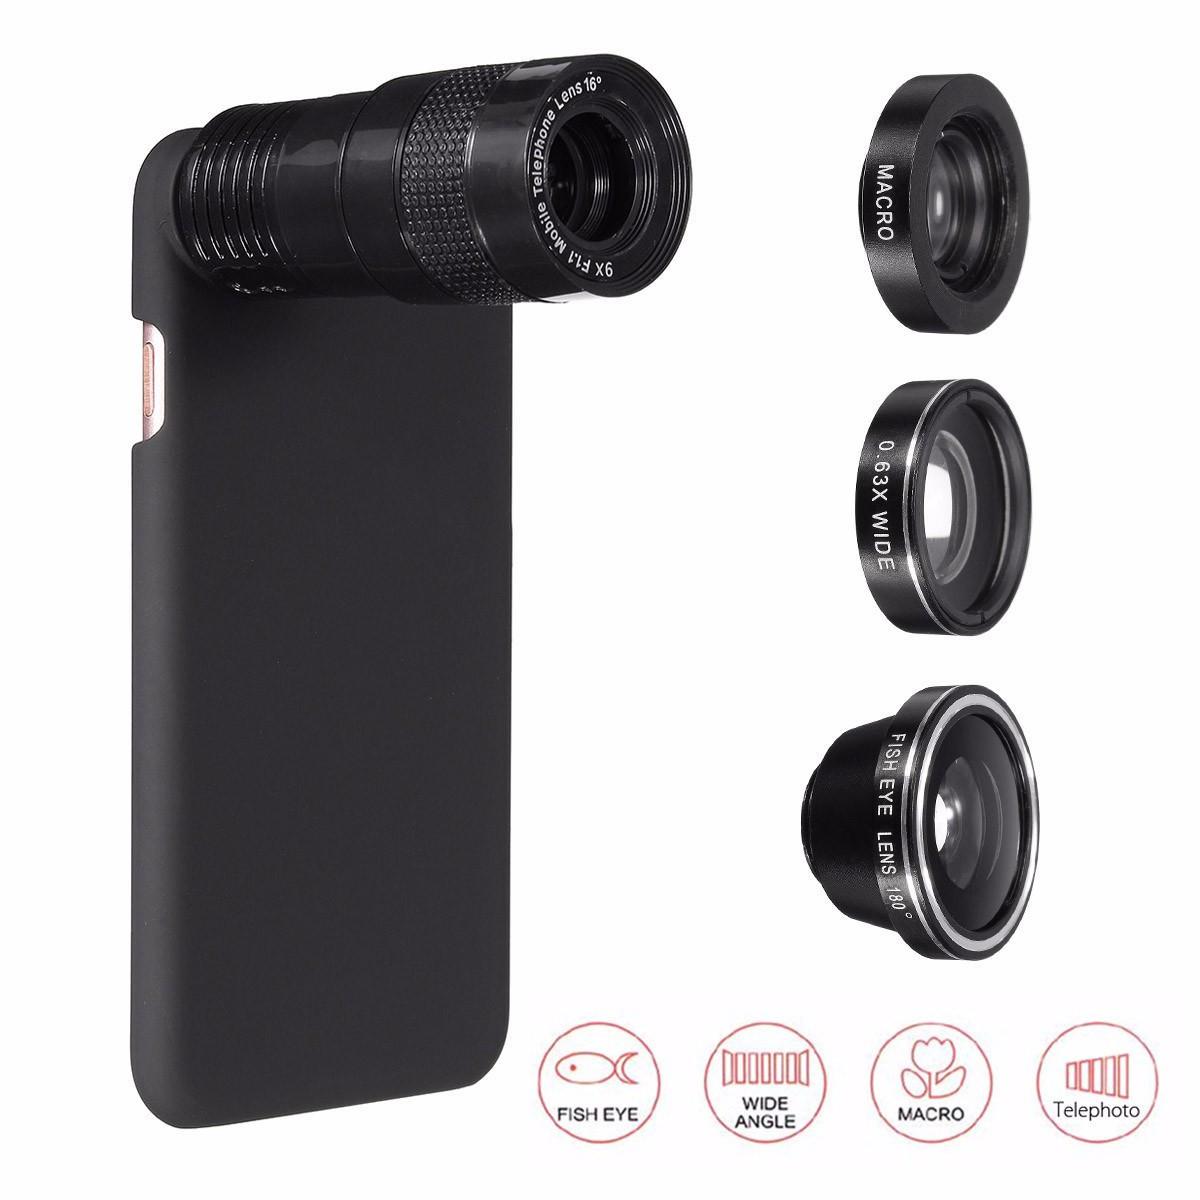 apple iphone 7 plus 용 5-in-1 9x 망원 0.63x 와이드 앵글 매크로 어안 렌즈 + 케이스 세일- Banggood.com sold out-arrival notice